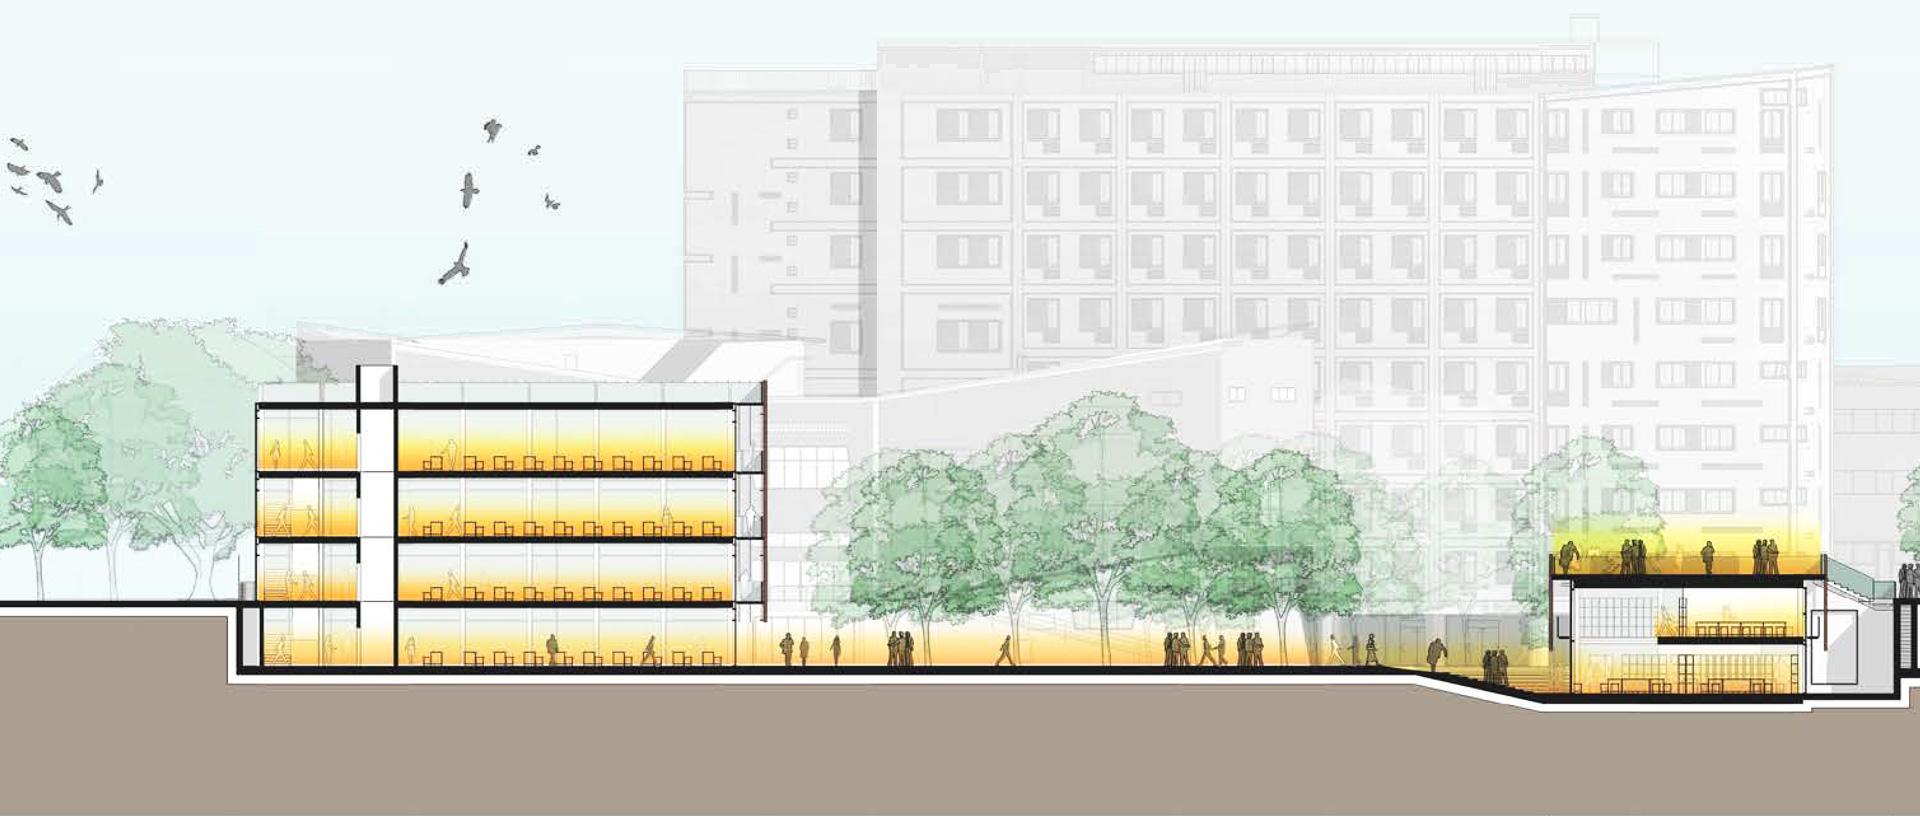 Politecnico di milano al via i lavori per il nuovo campus for Idee del piano di progetto